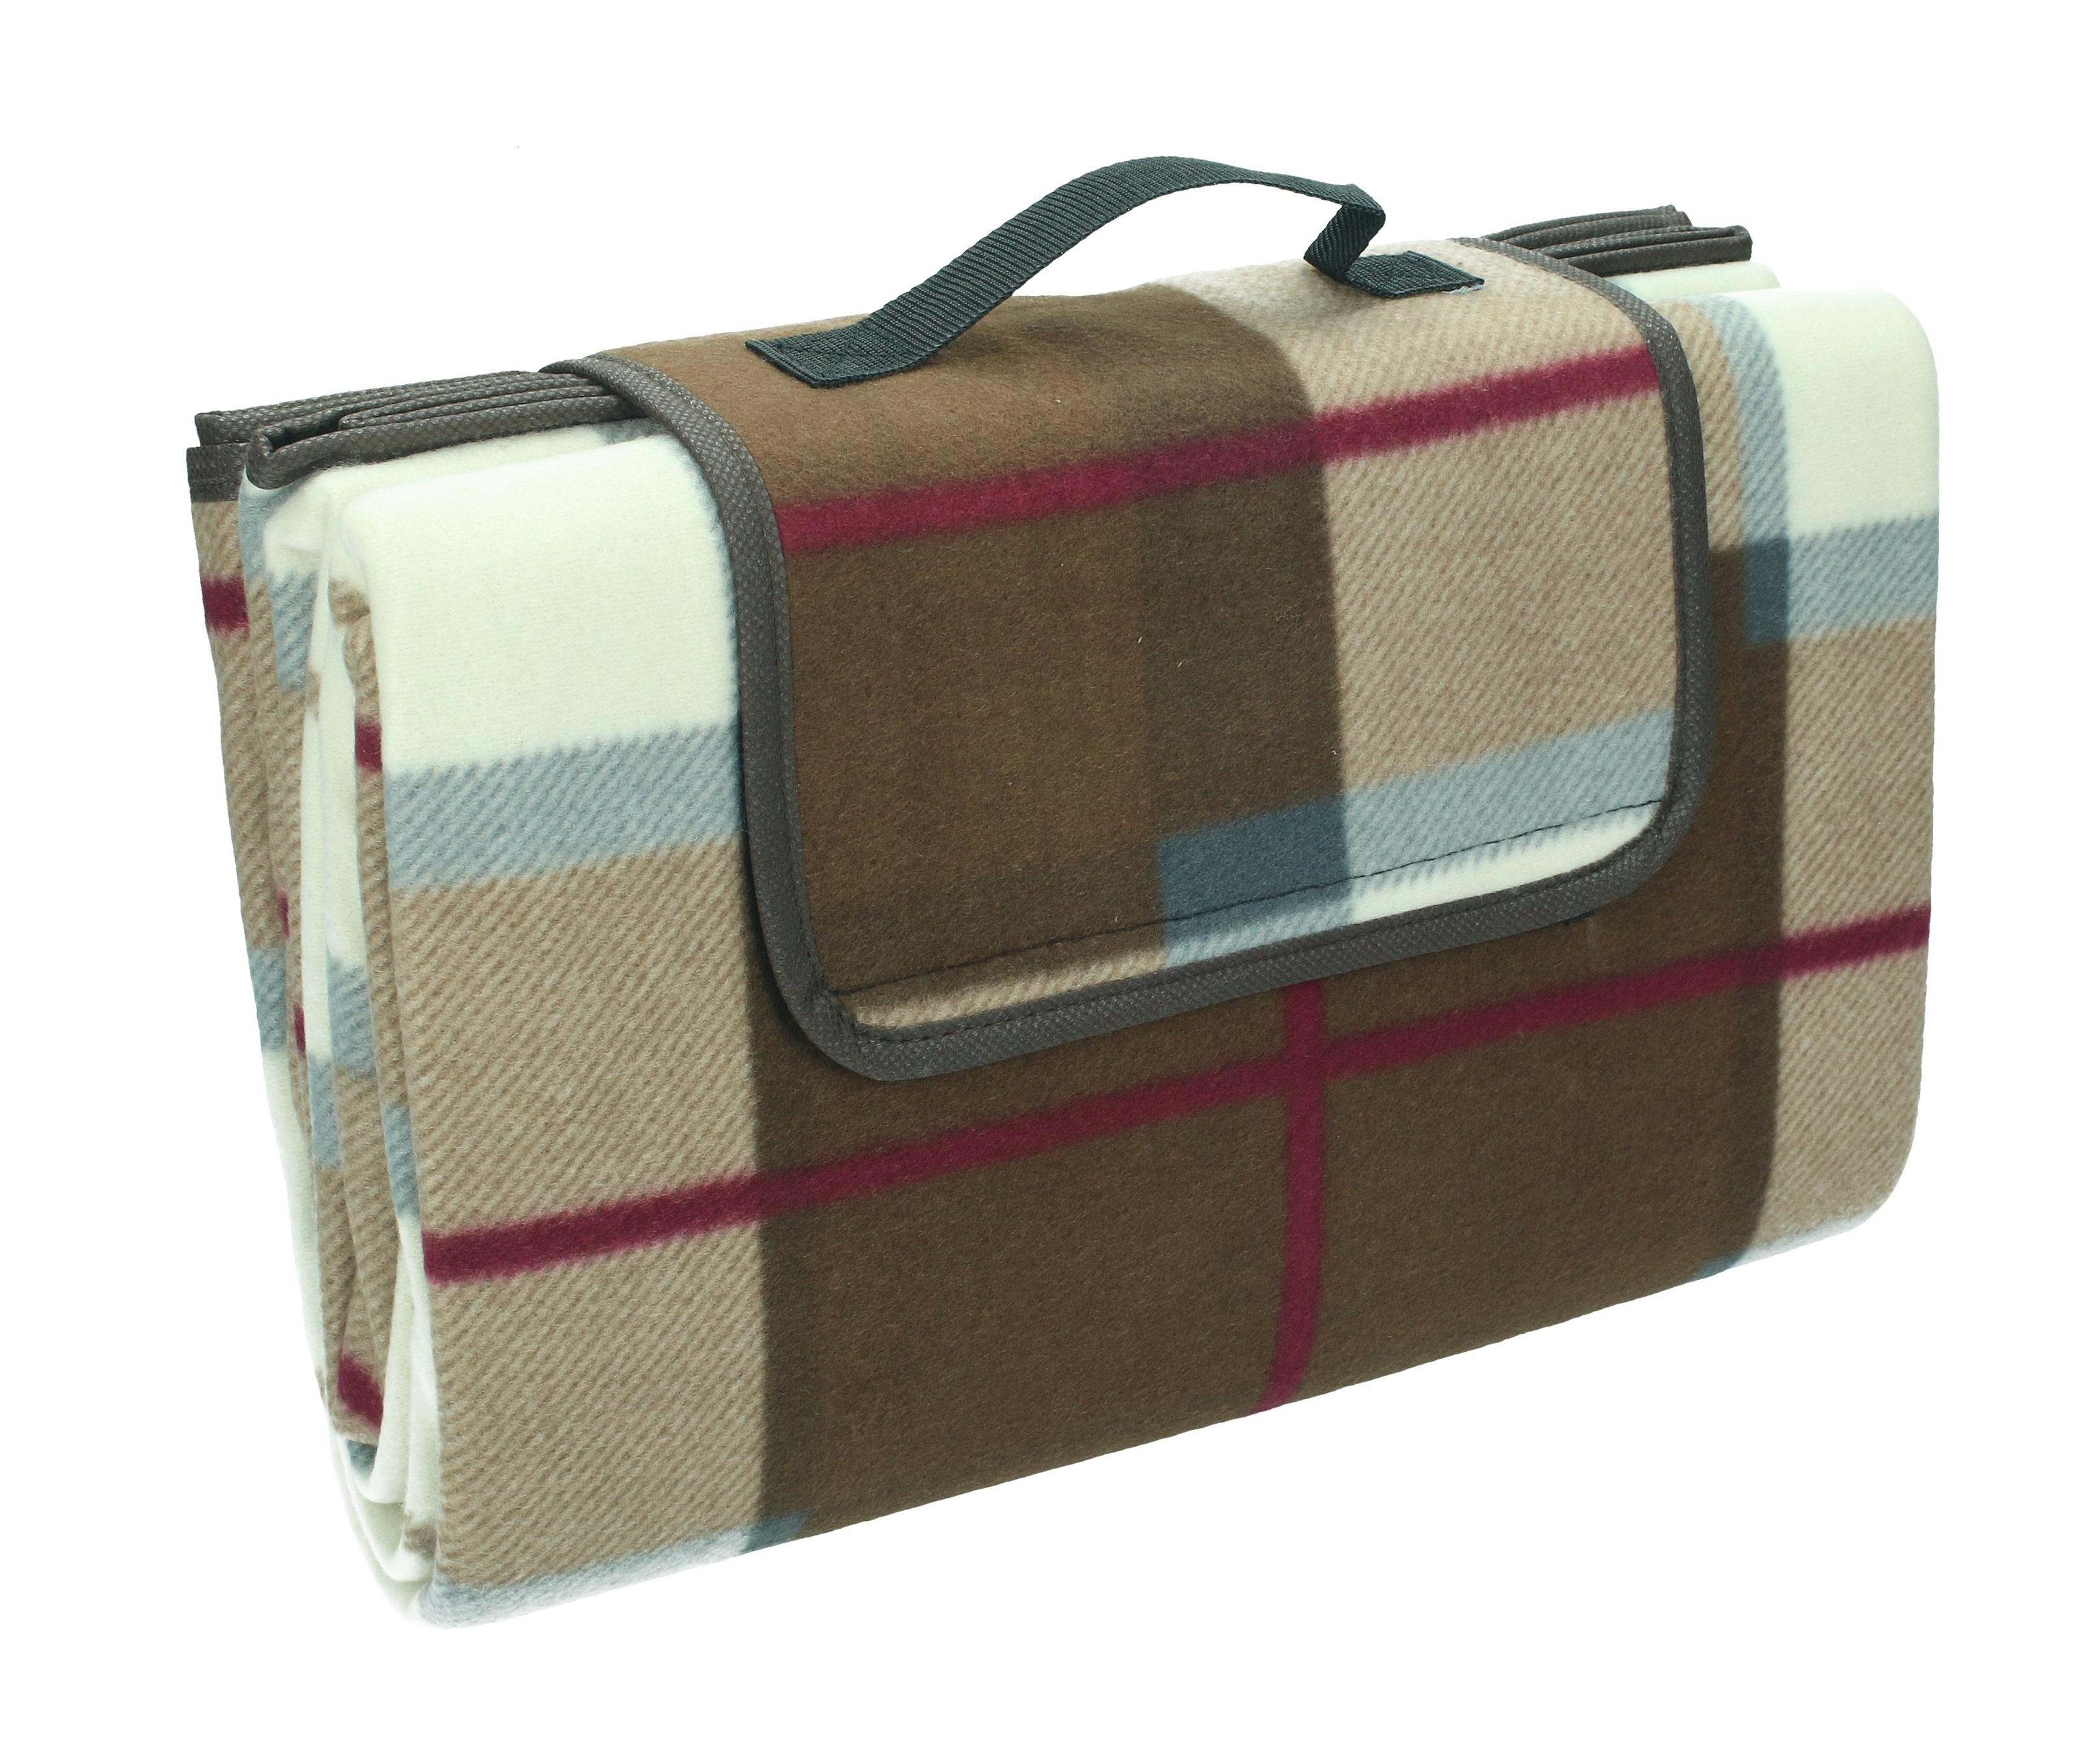 picknickdecke reisedecke stranddecke campingdecke isomatte outdoor, Wohnzimmer dekoo